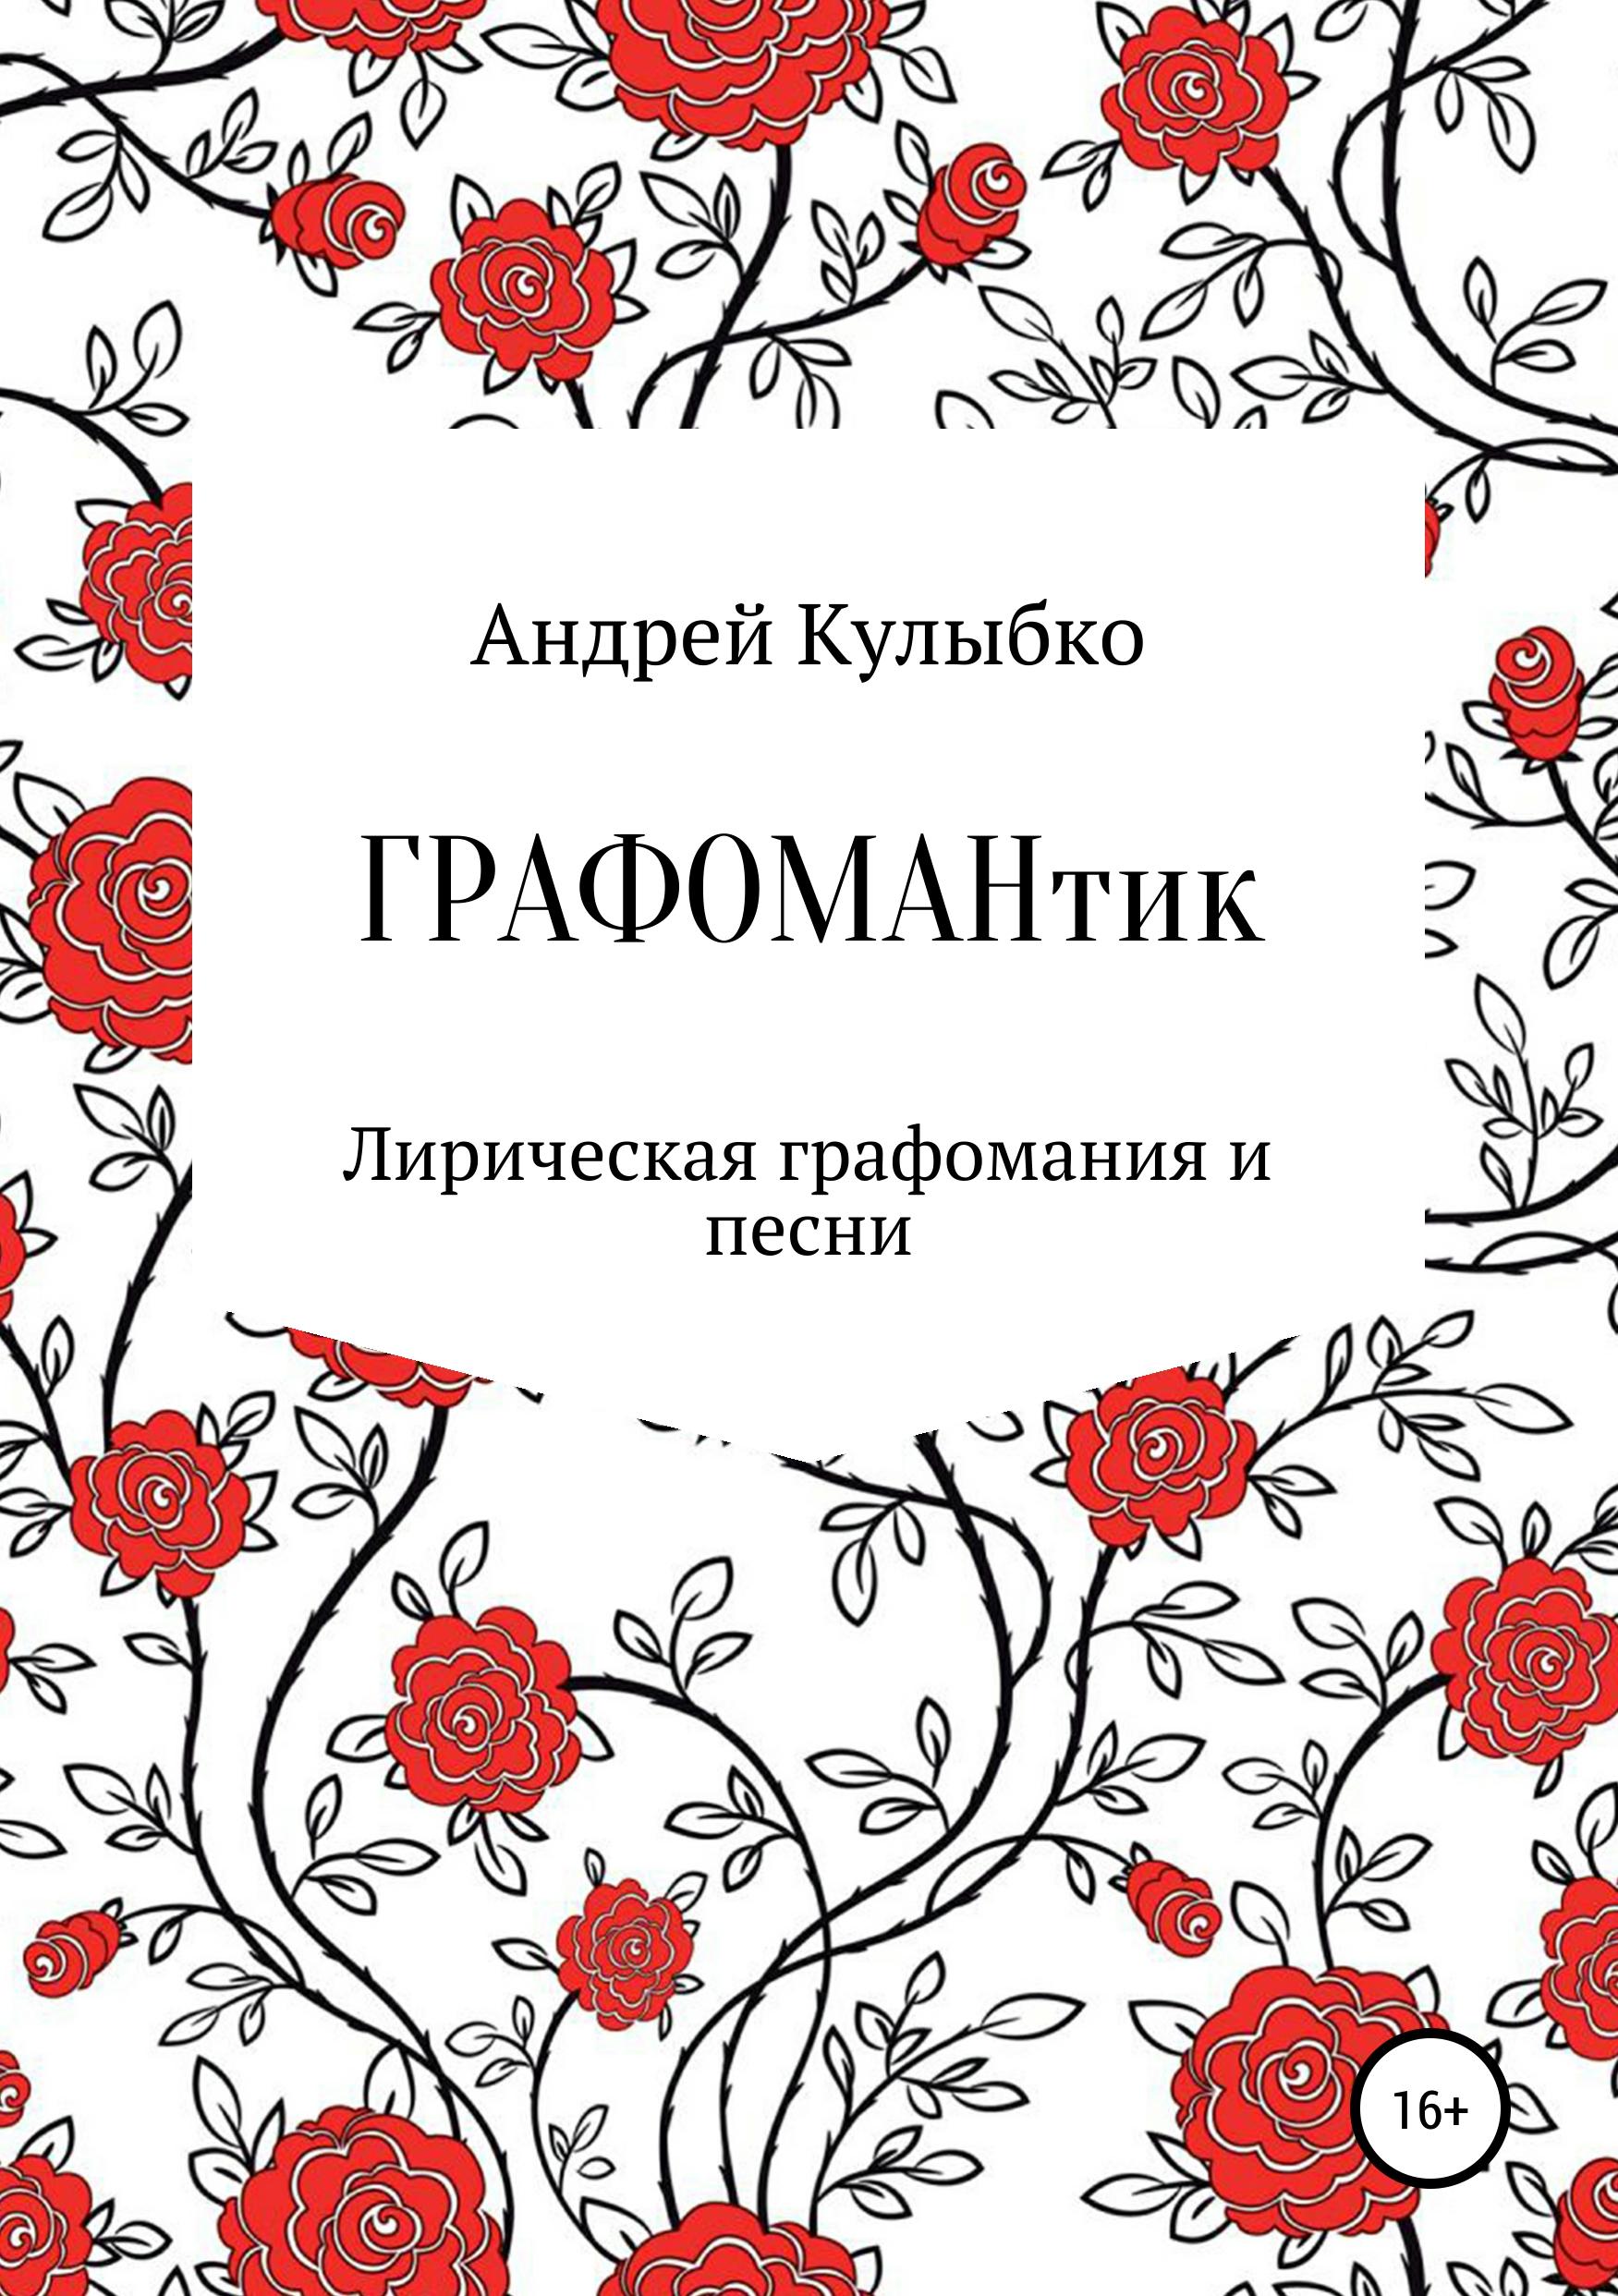 Андрей Александрович Кулыбко Графомантик архимандрит кирилл павлов о прощении обид и любви к ближним